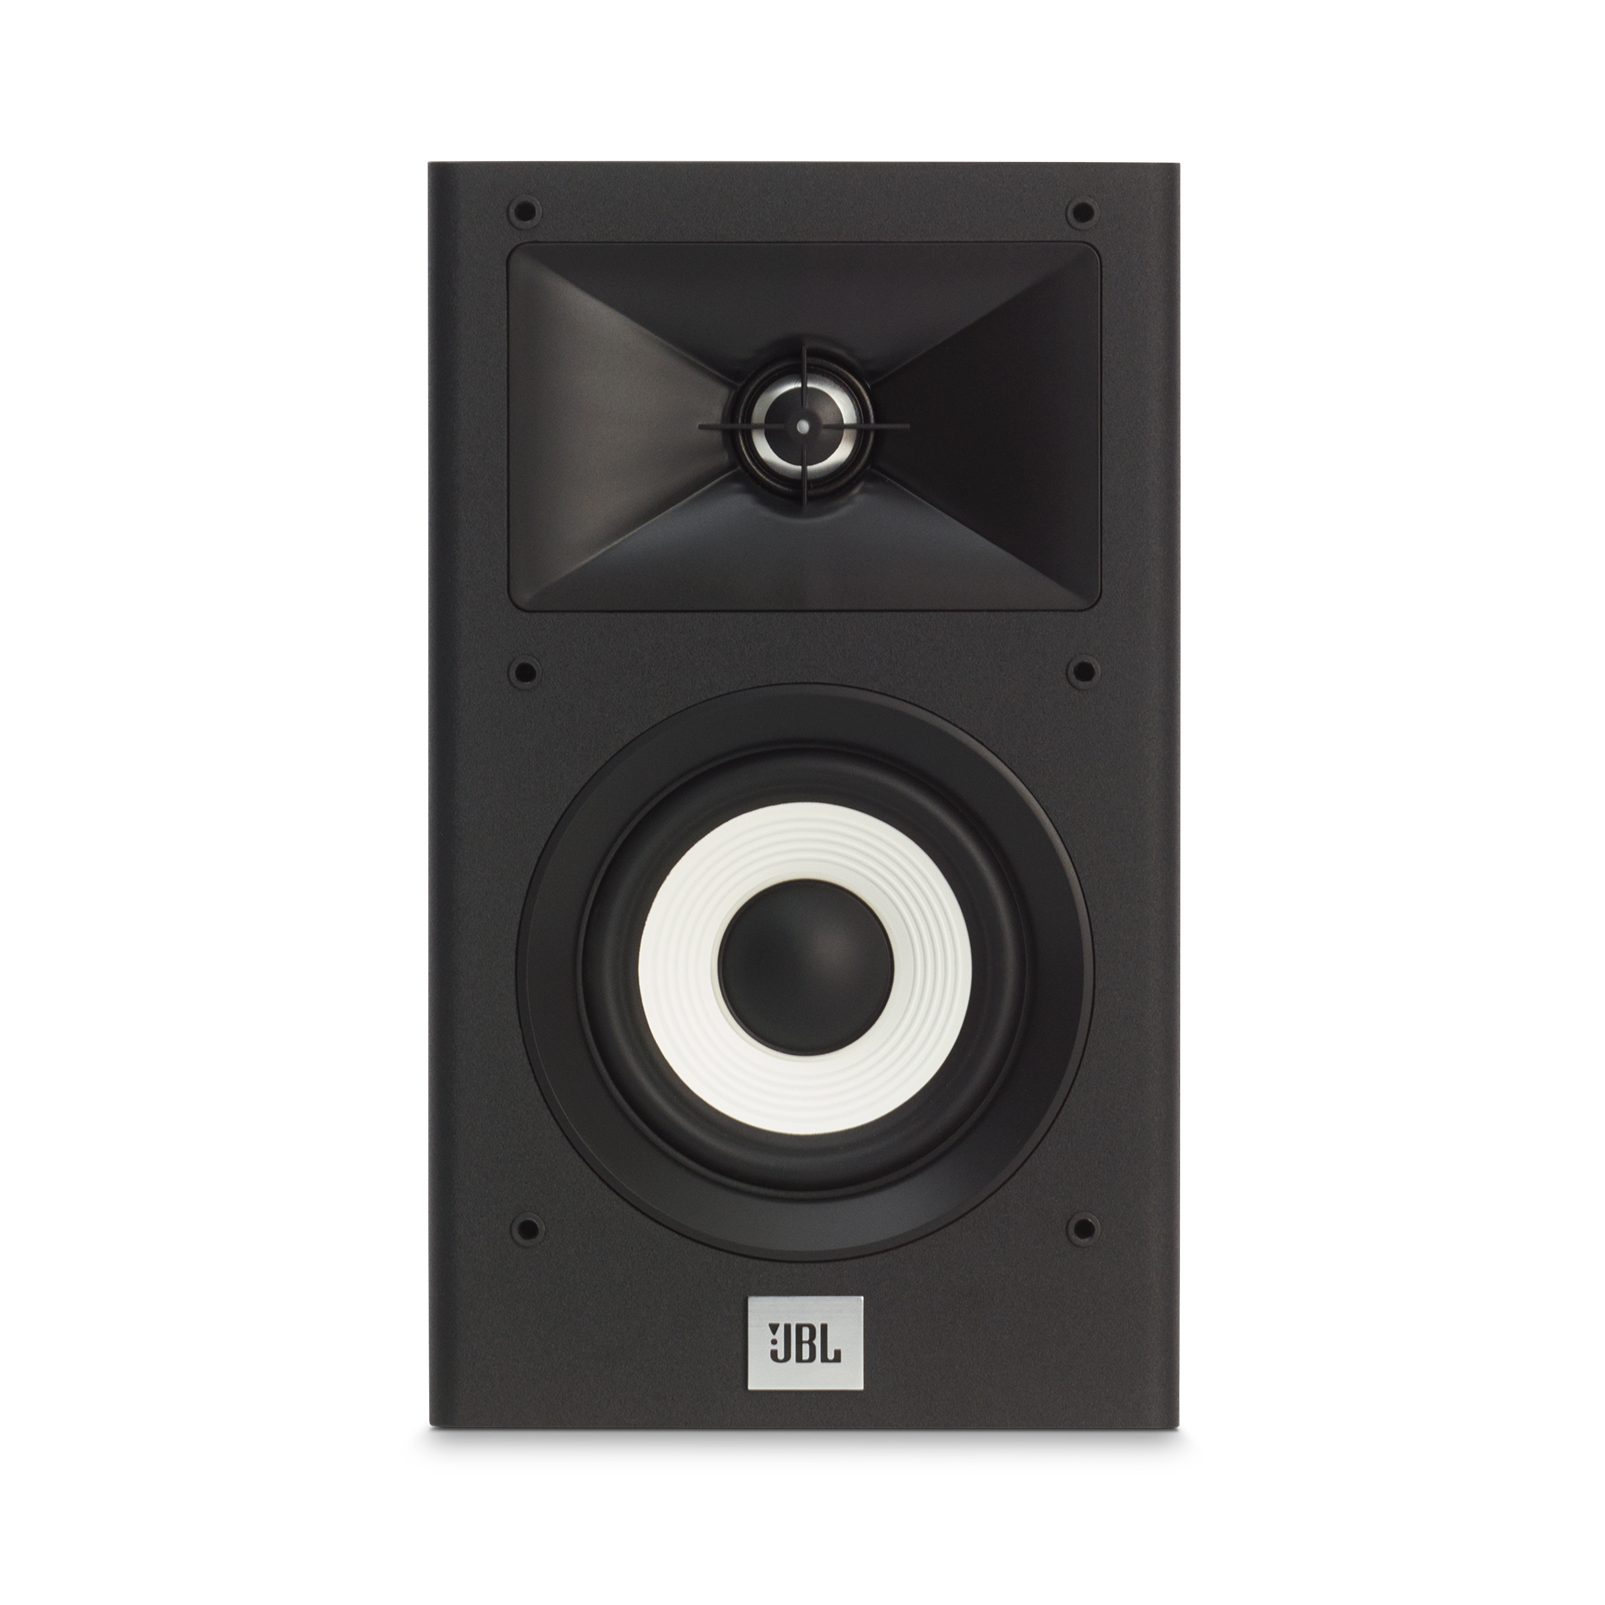 JBL Stage A120 - Black - Home Audio Loudspeaker System - Detailshot 2